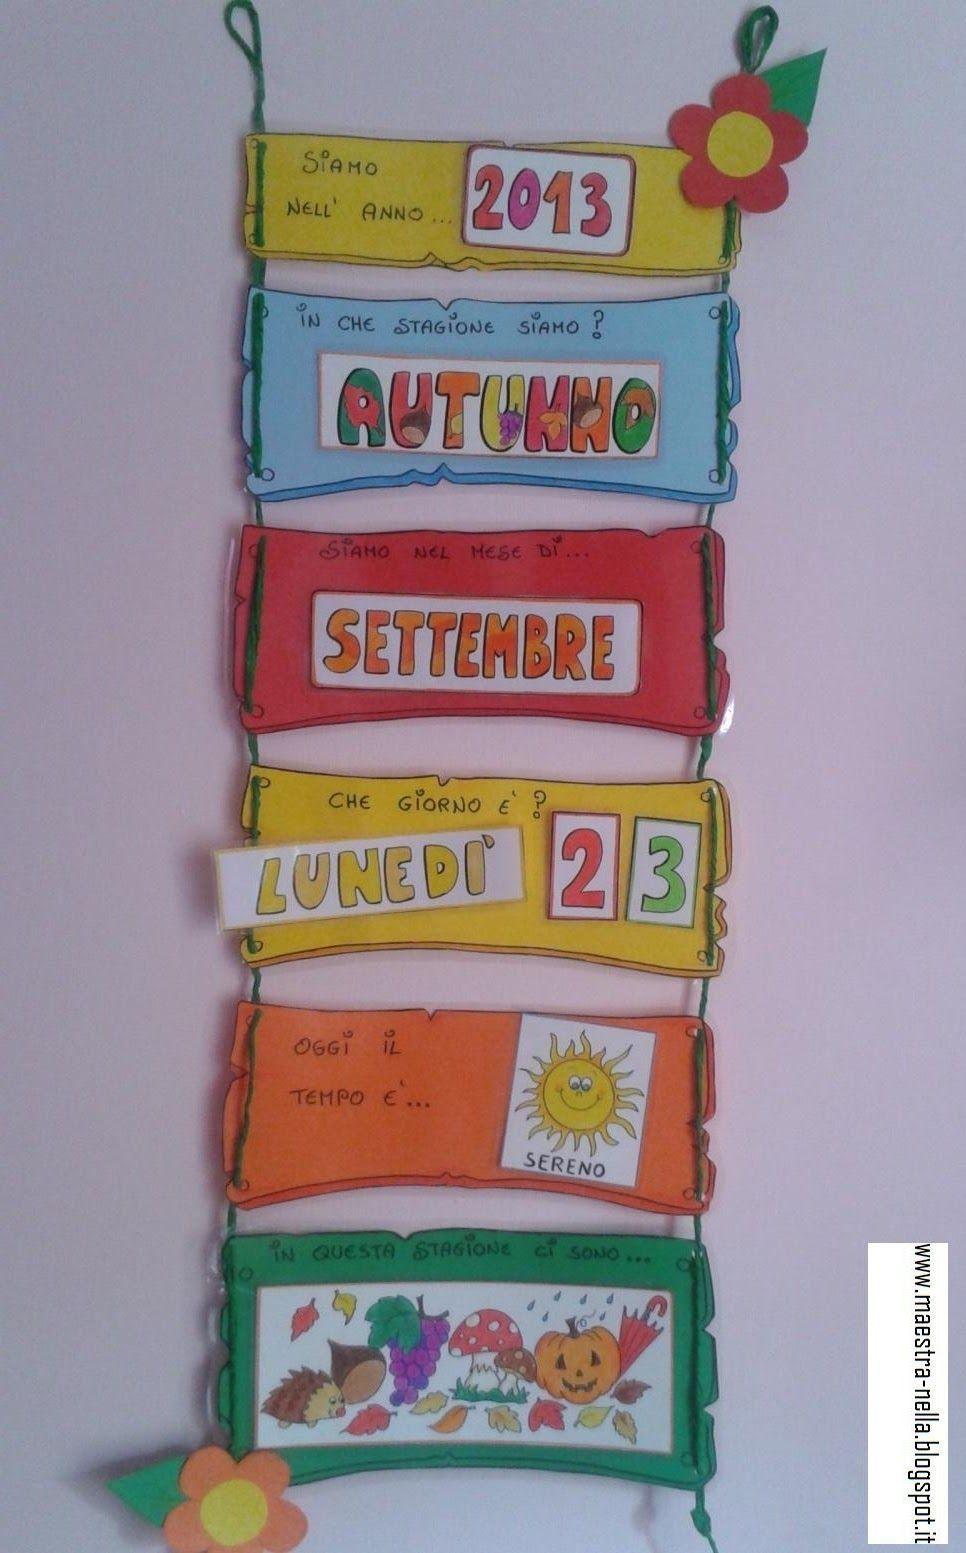 Calendario Bambini Scuola Infanzia.Disegni Idee E Lavoretti Per La Scuola Dell Infanzia E